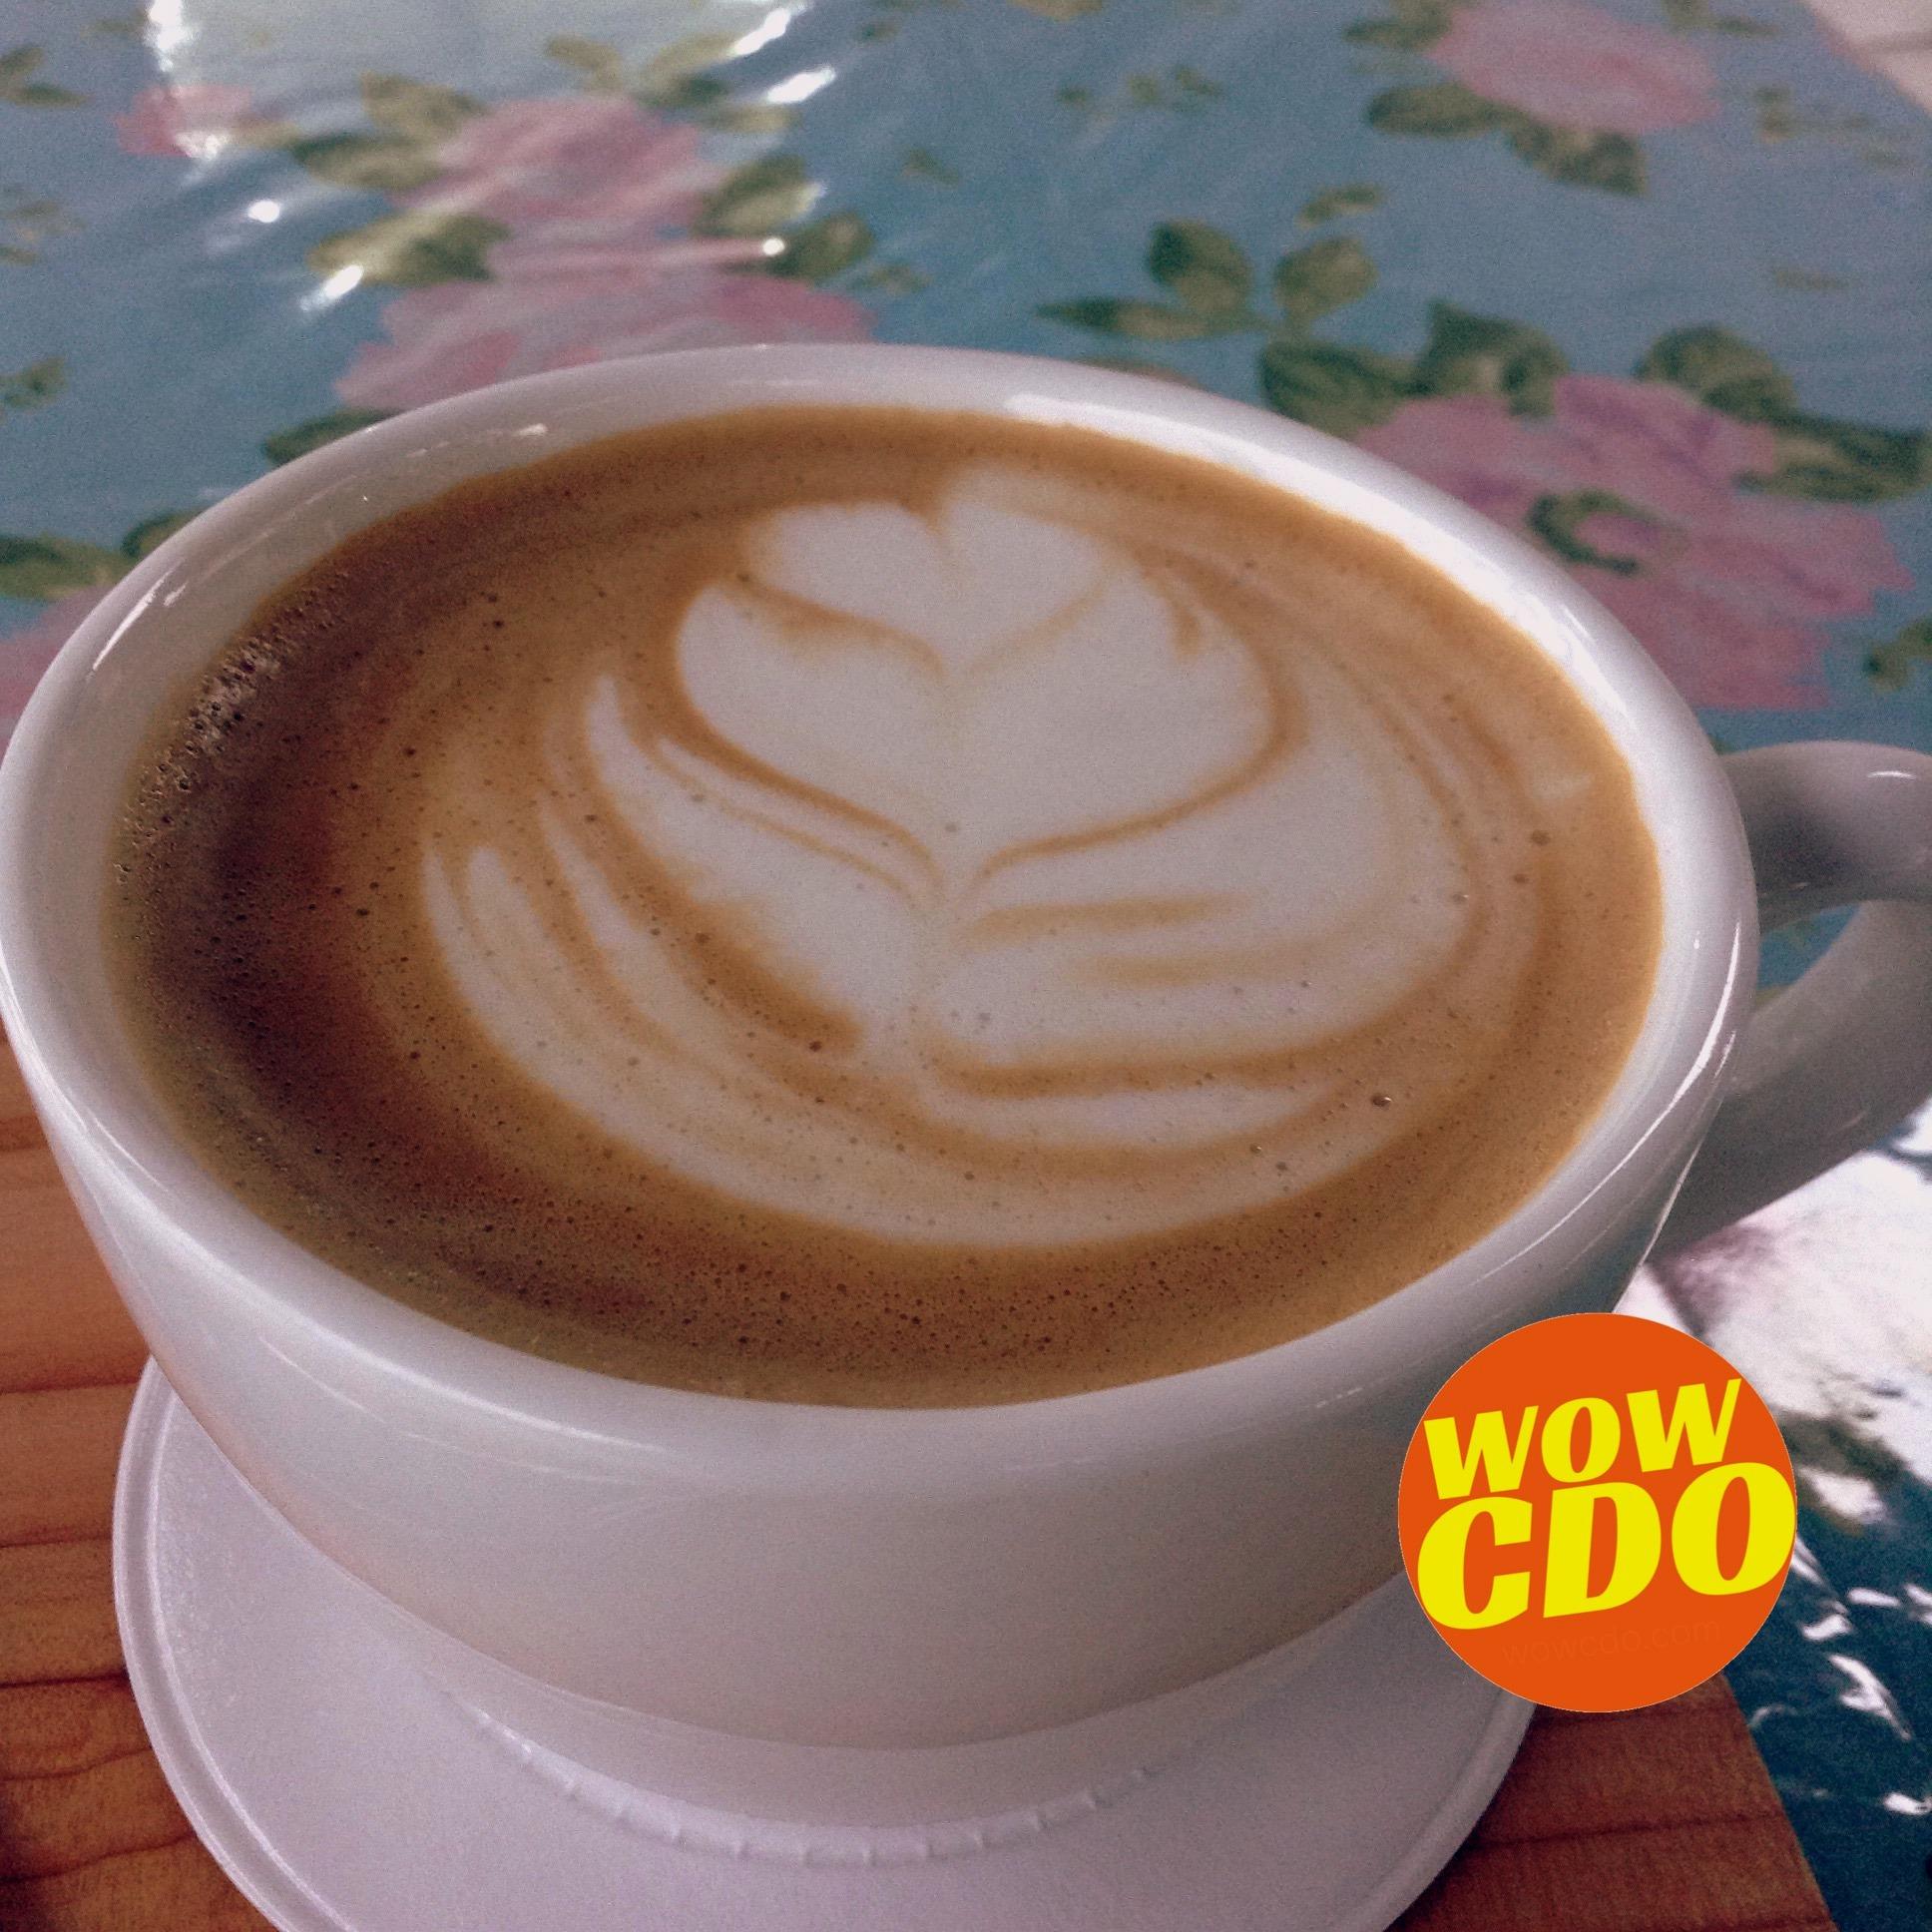 pane-e-dolci-coffee